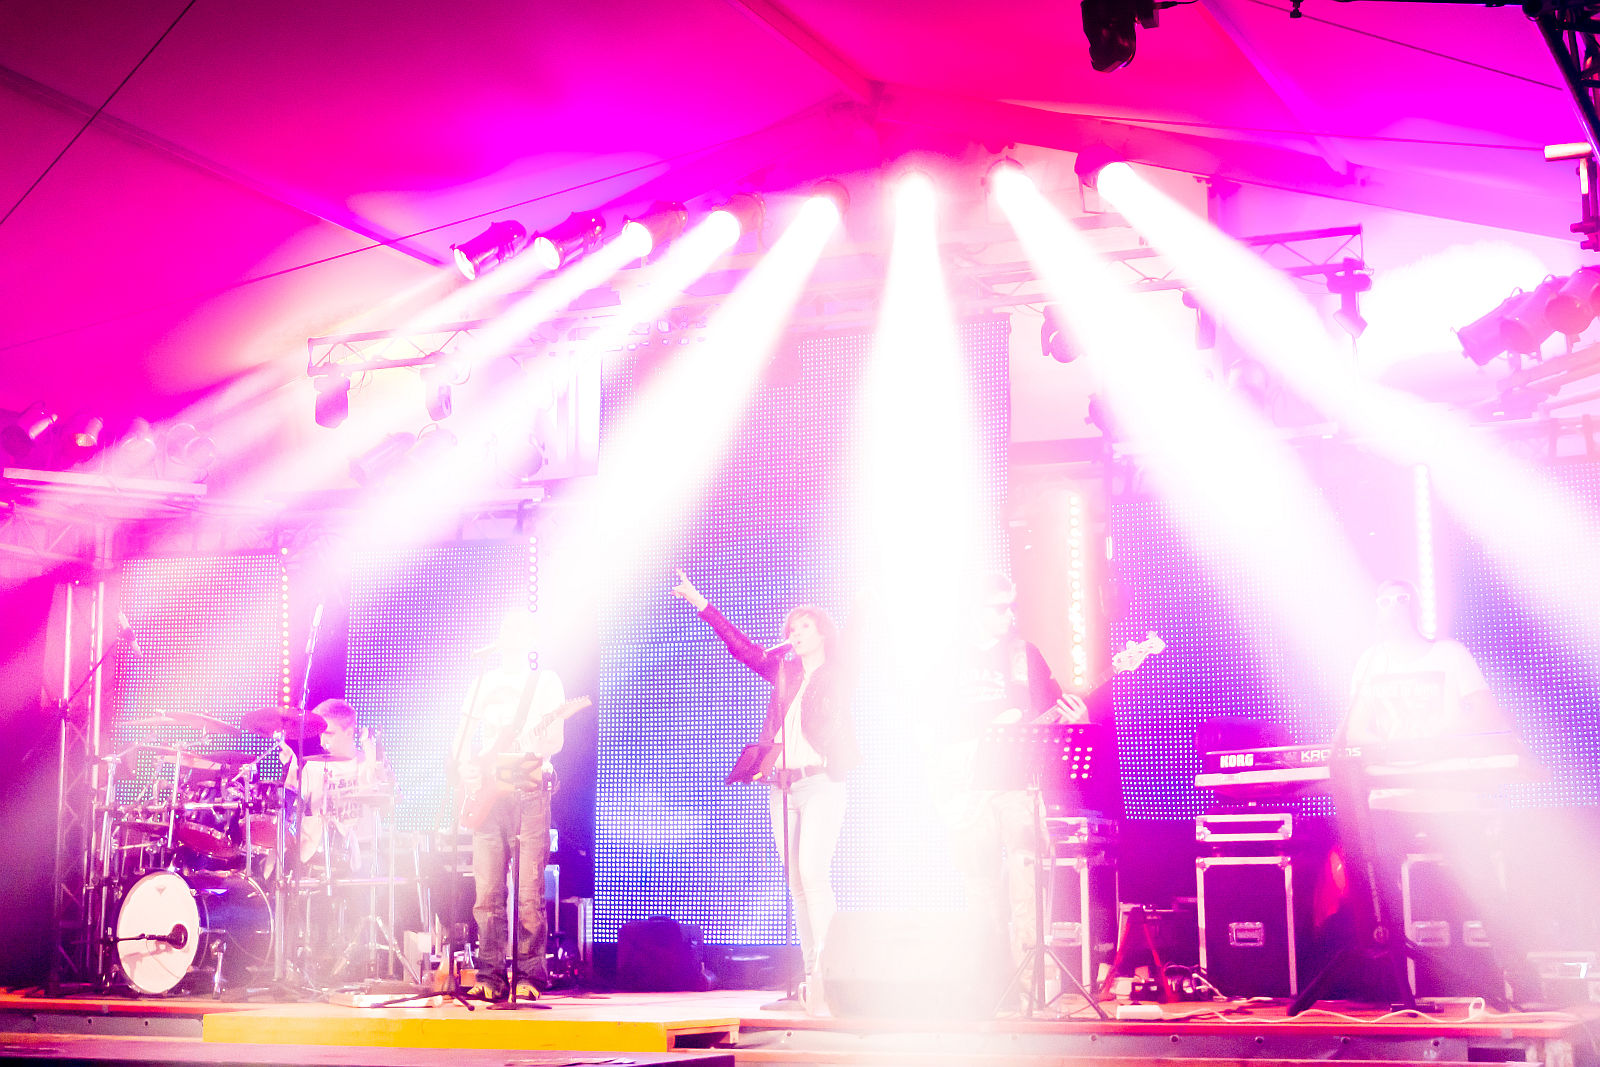 Zeltfestmusik – dieses Programm spielen wir auf Zeltfesten